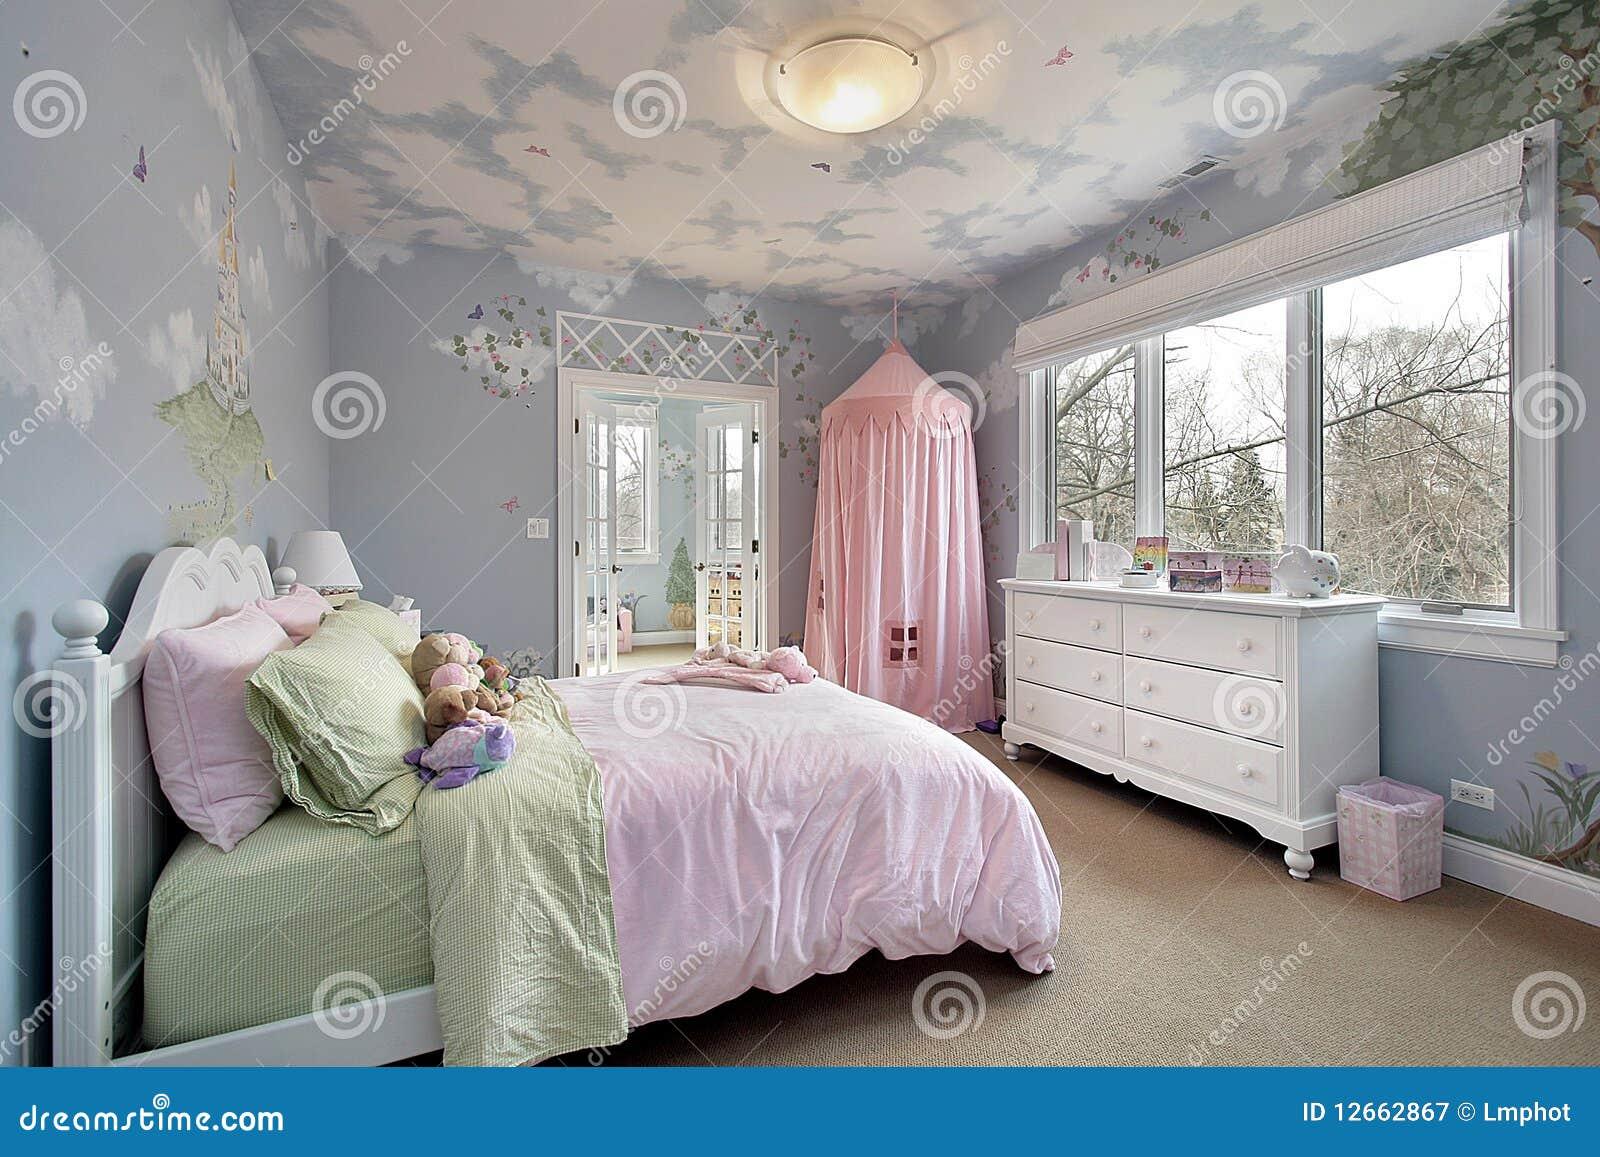 Slaapkamer met muurontwerpen royalty vrije stock fotografie ...